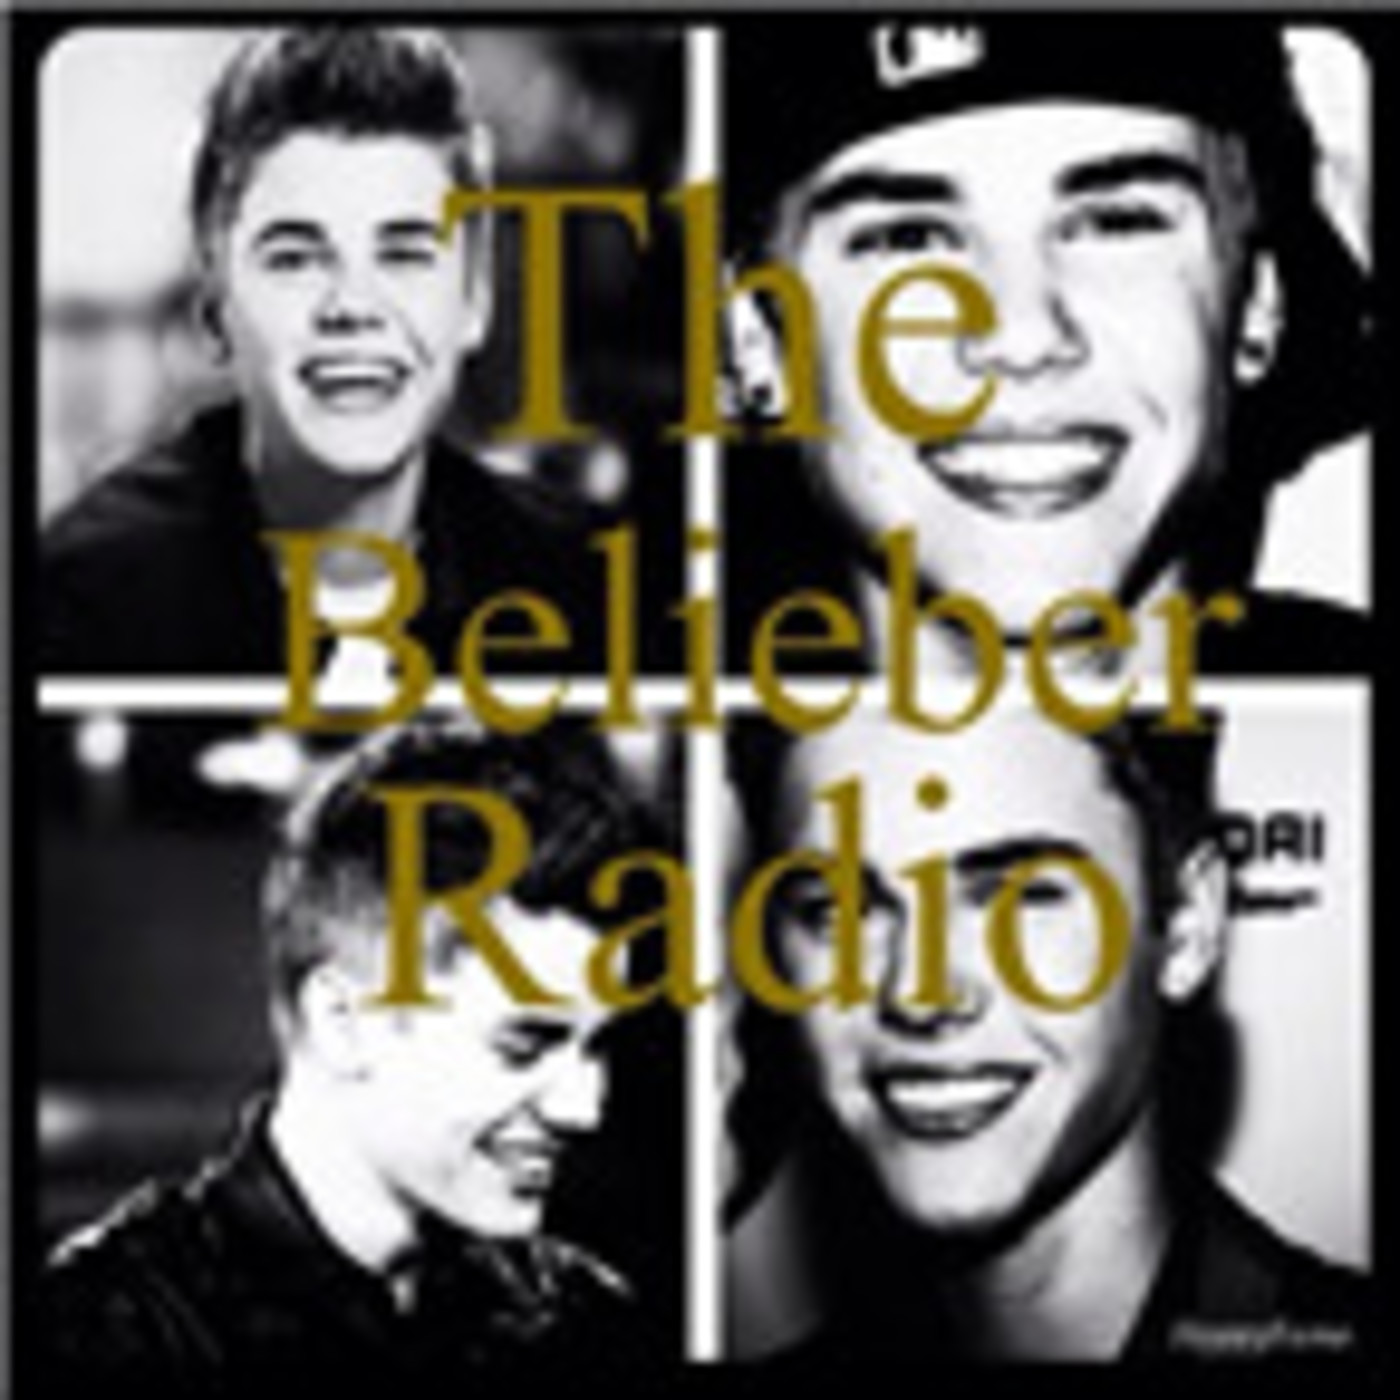 The Belieber Radio